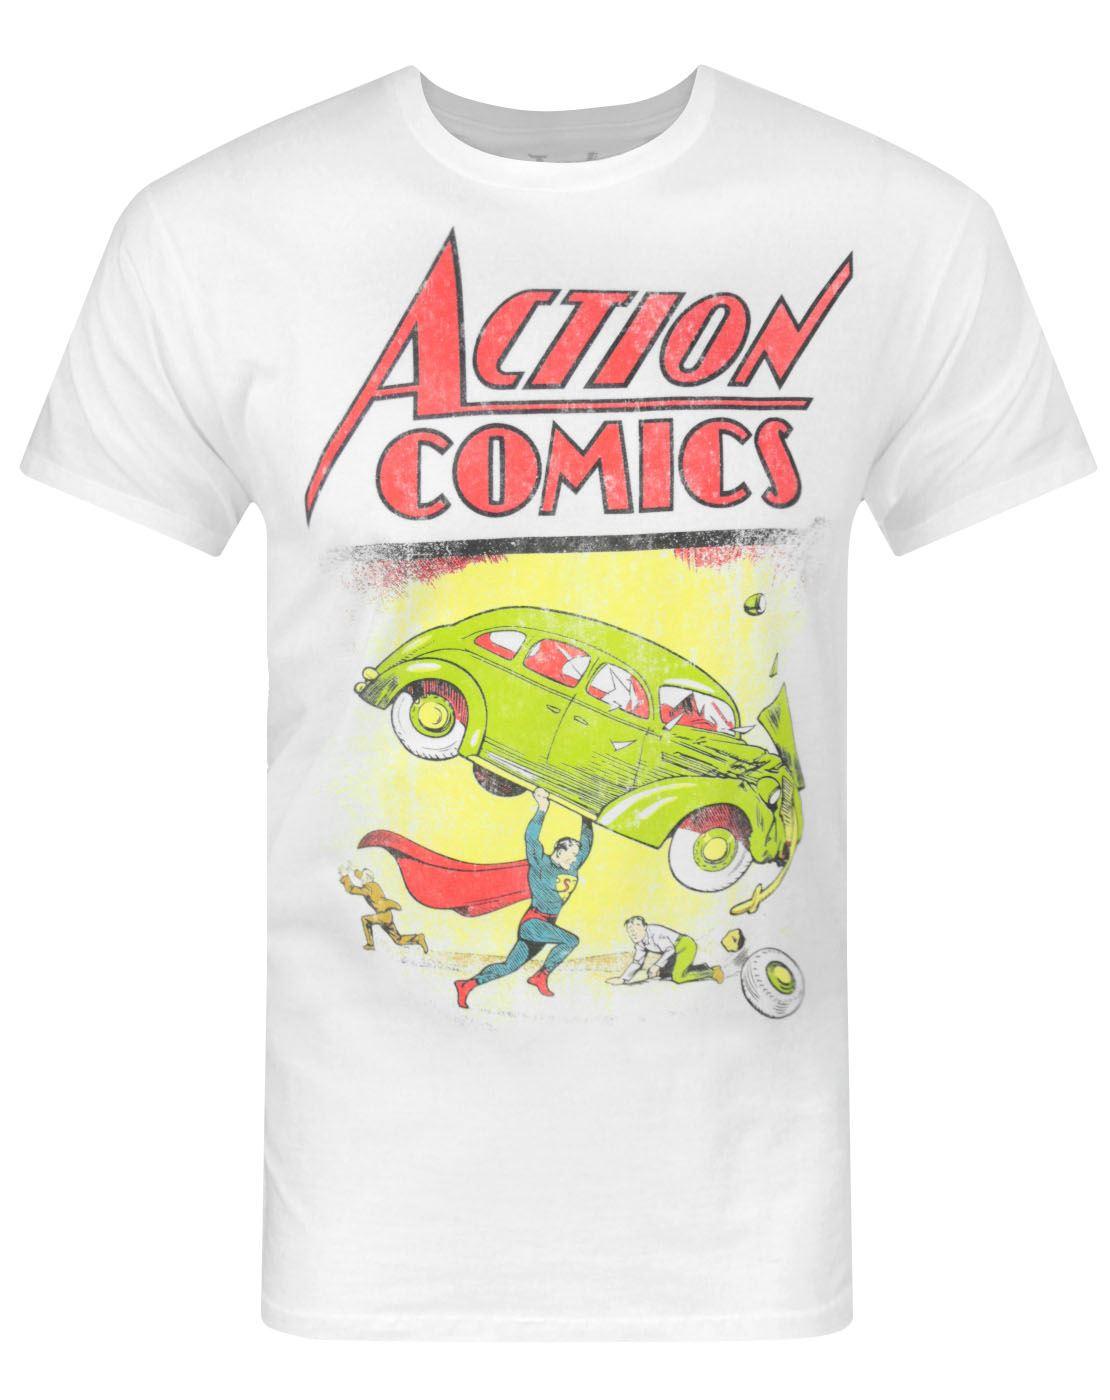 Jack-Of-All-Trades-Superman-Action-Comics-Men-039-s-T-Shirt